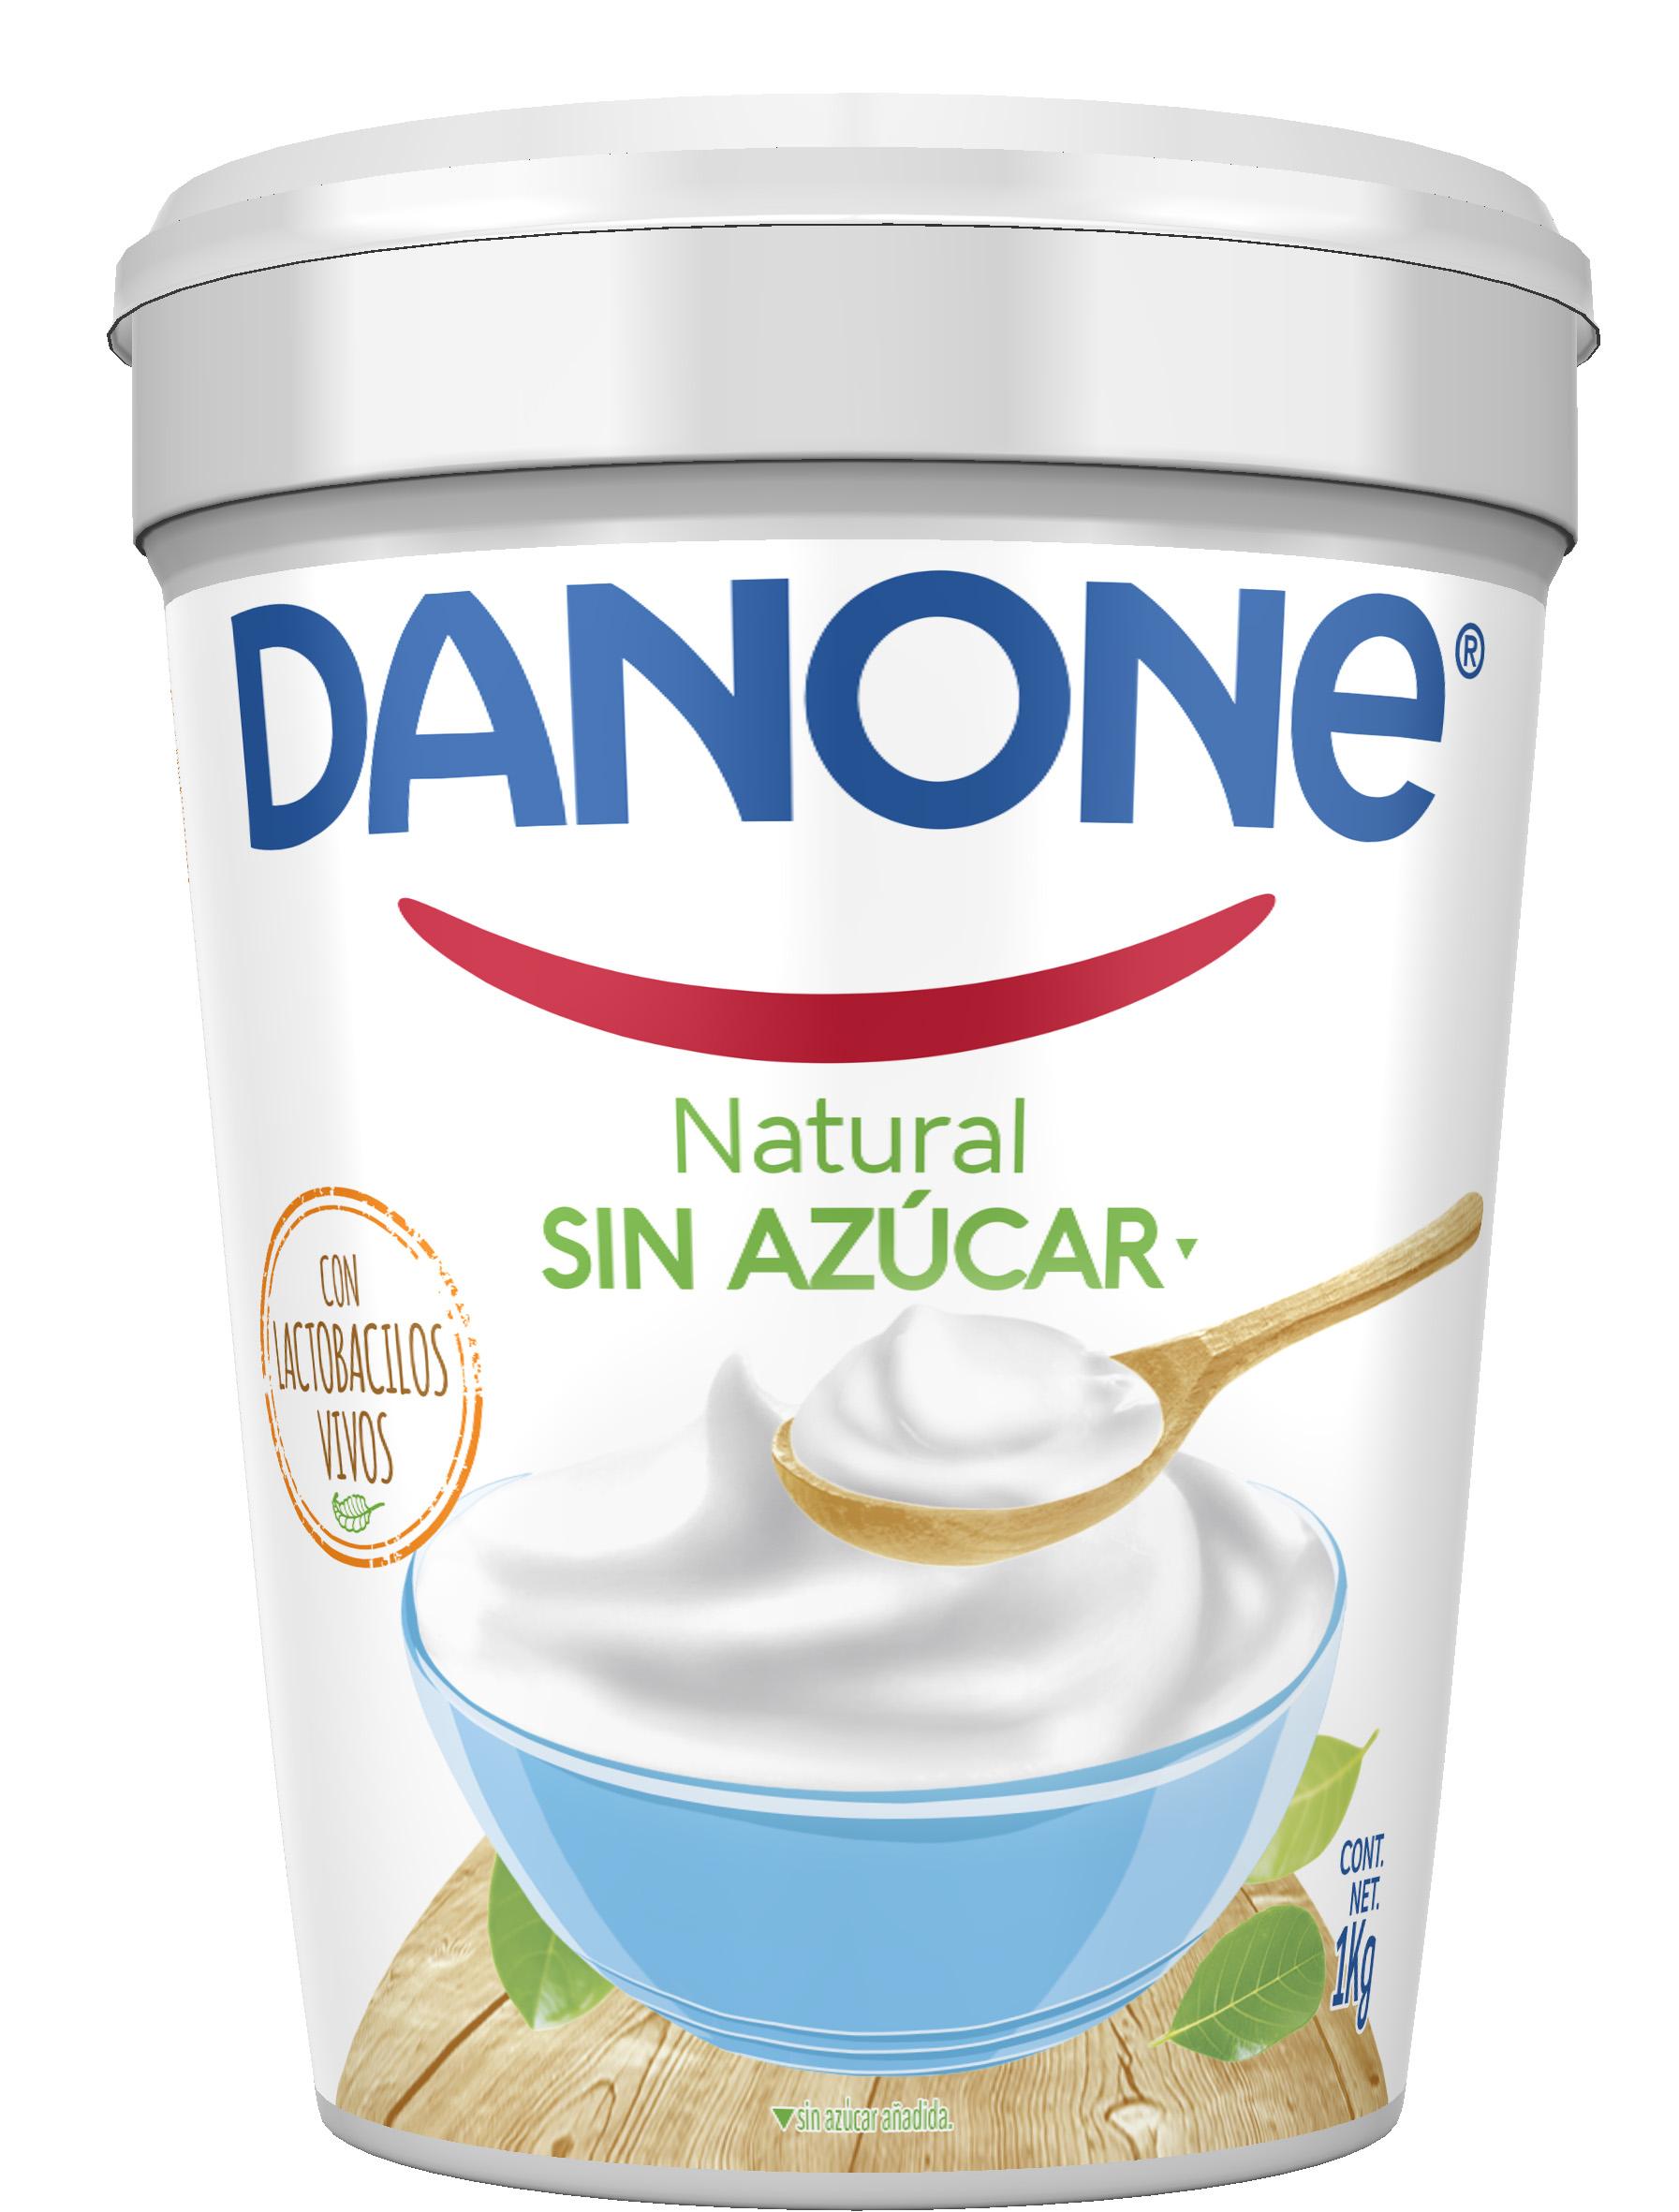 Avala Federación Mexicana de Diabetes, A.C. dos yoghurts de la familia Danone